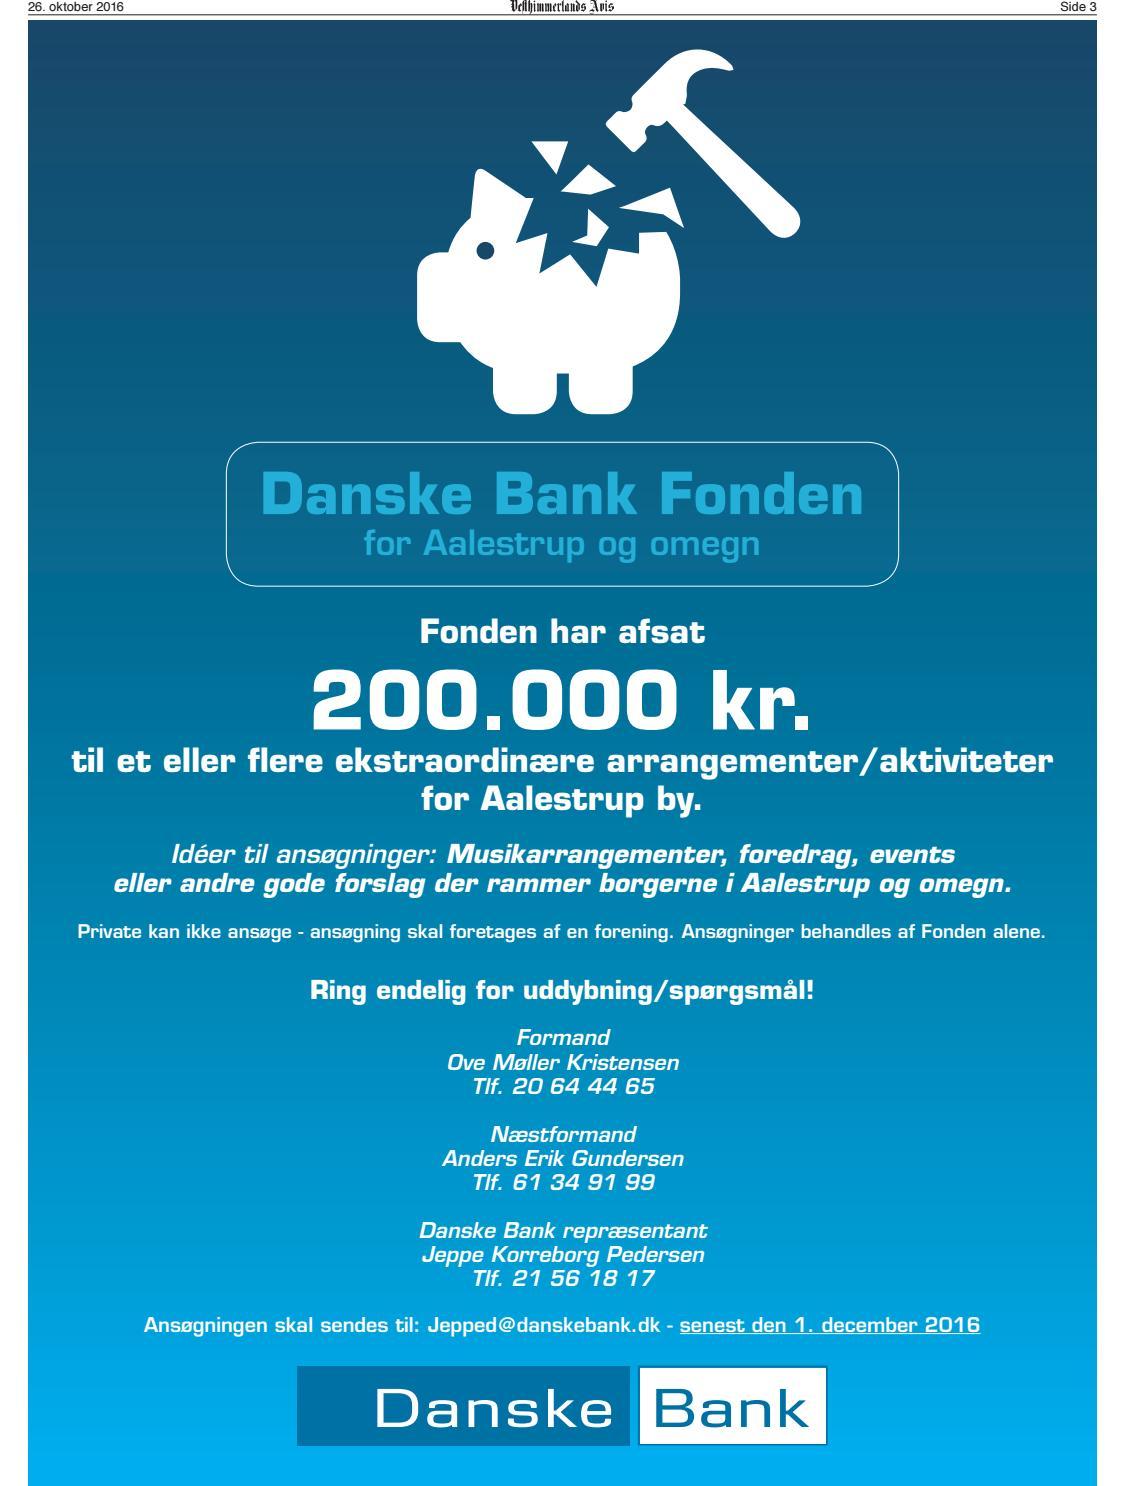 danske bank aalestrup